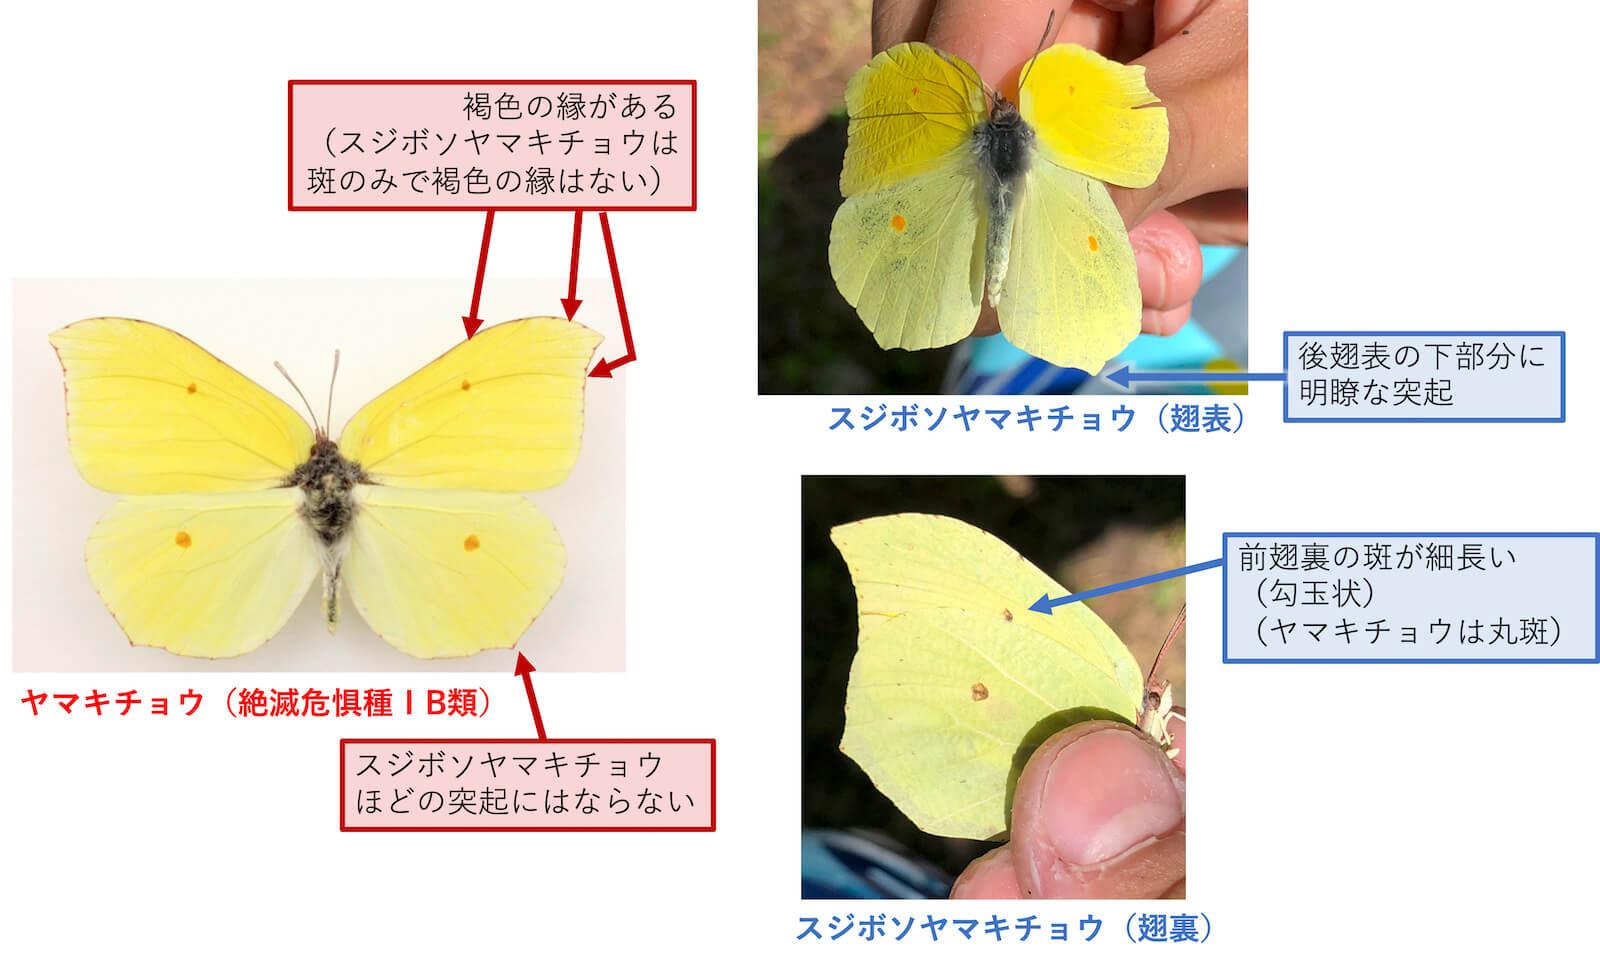 ヤマキチョウとスジボソヤマキチョウの見分け方-2